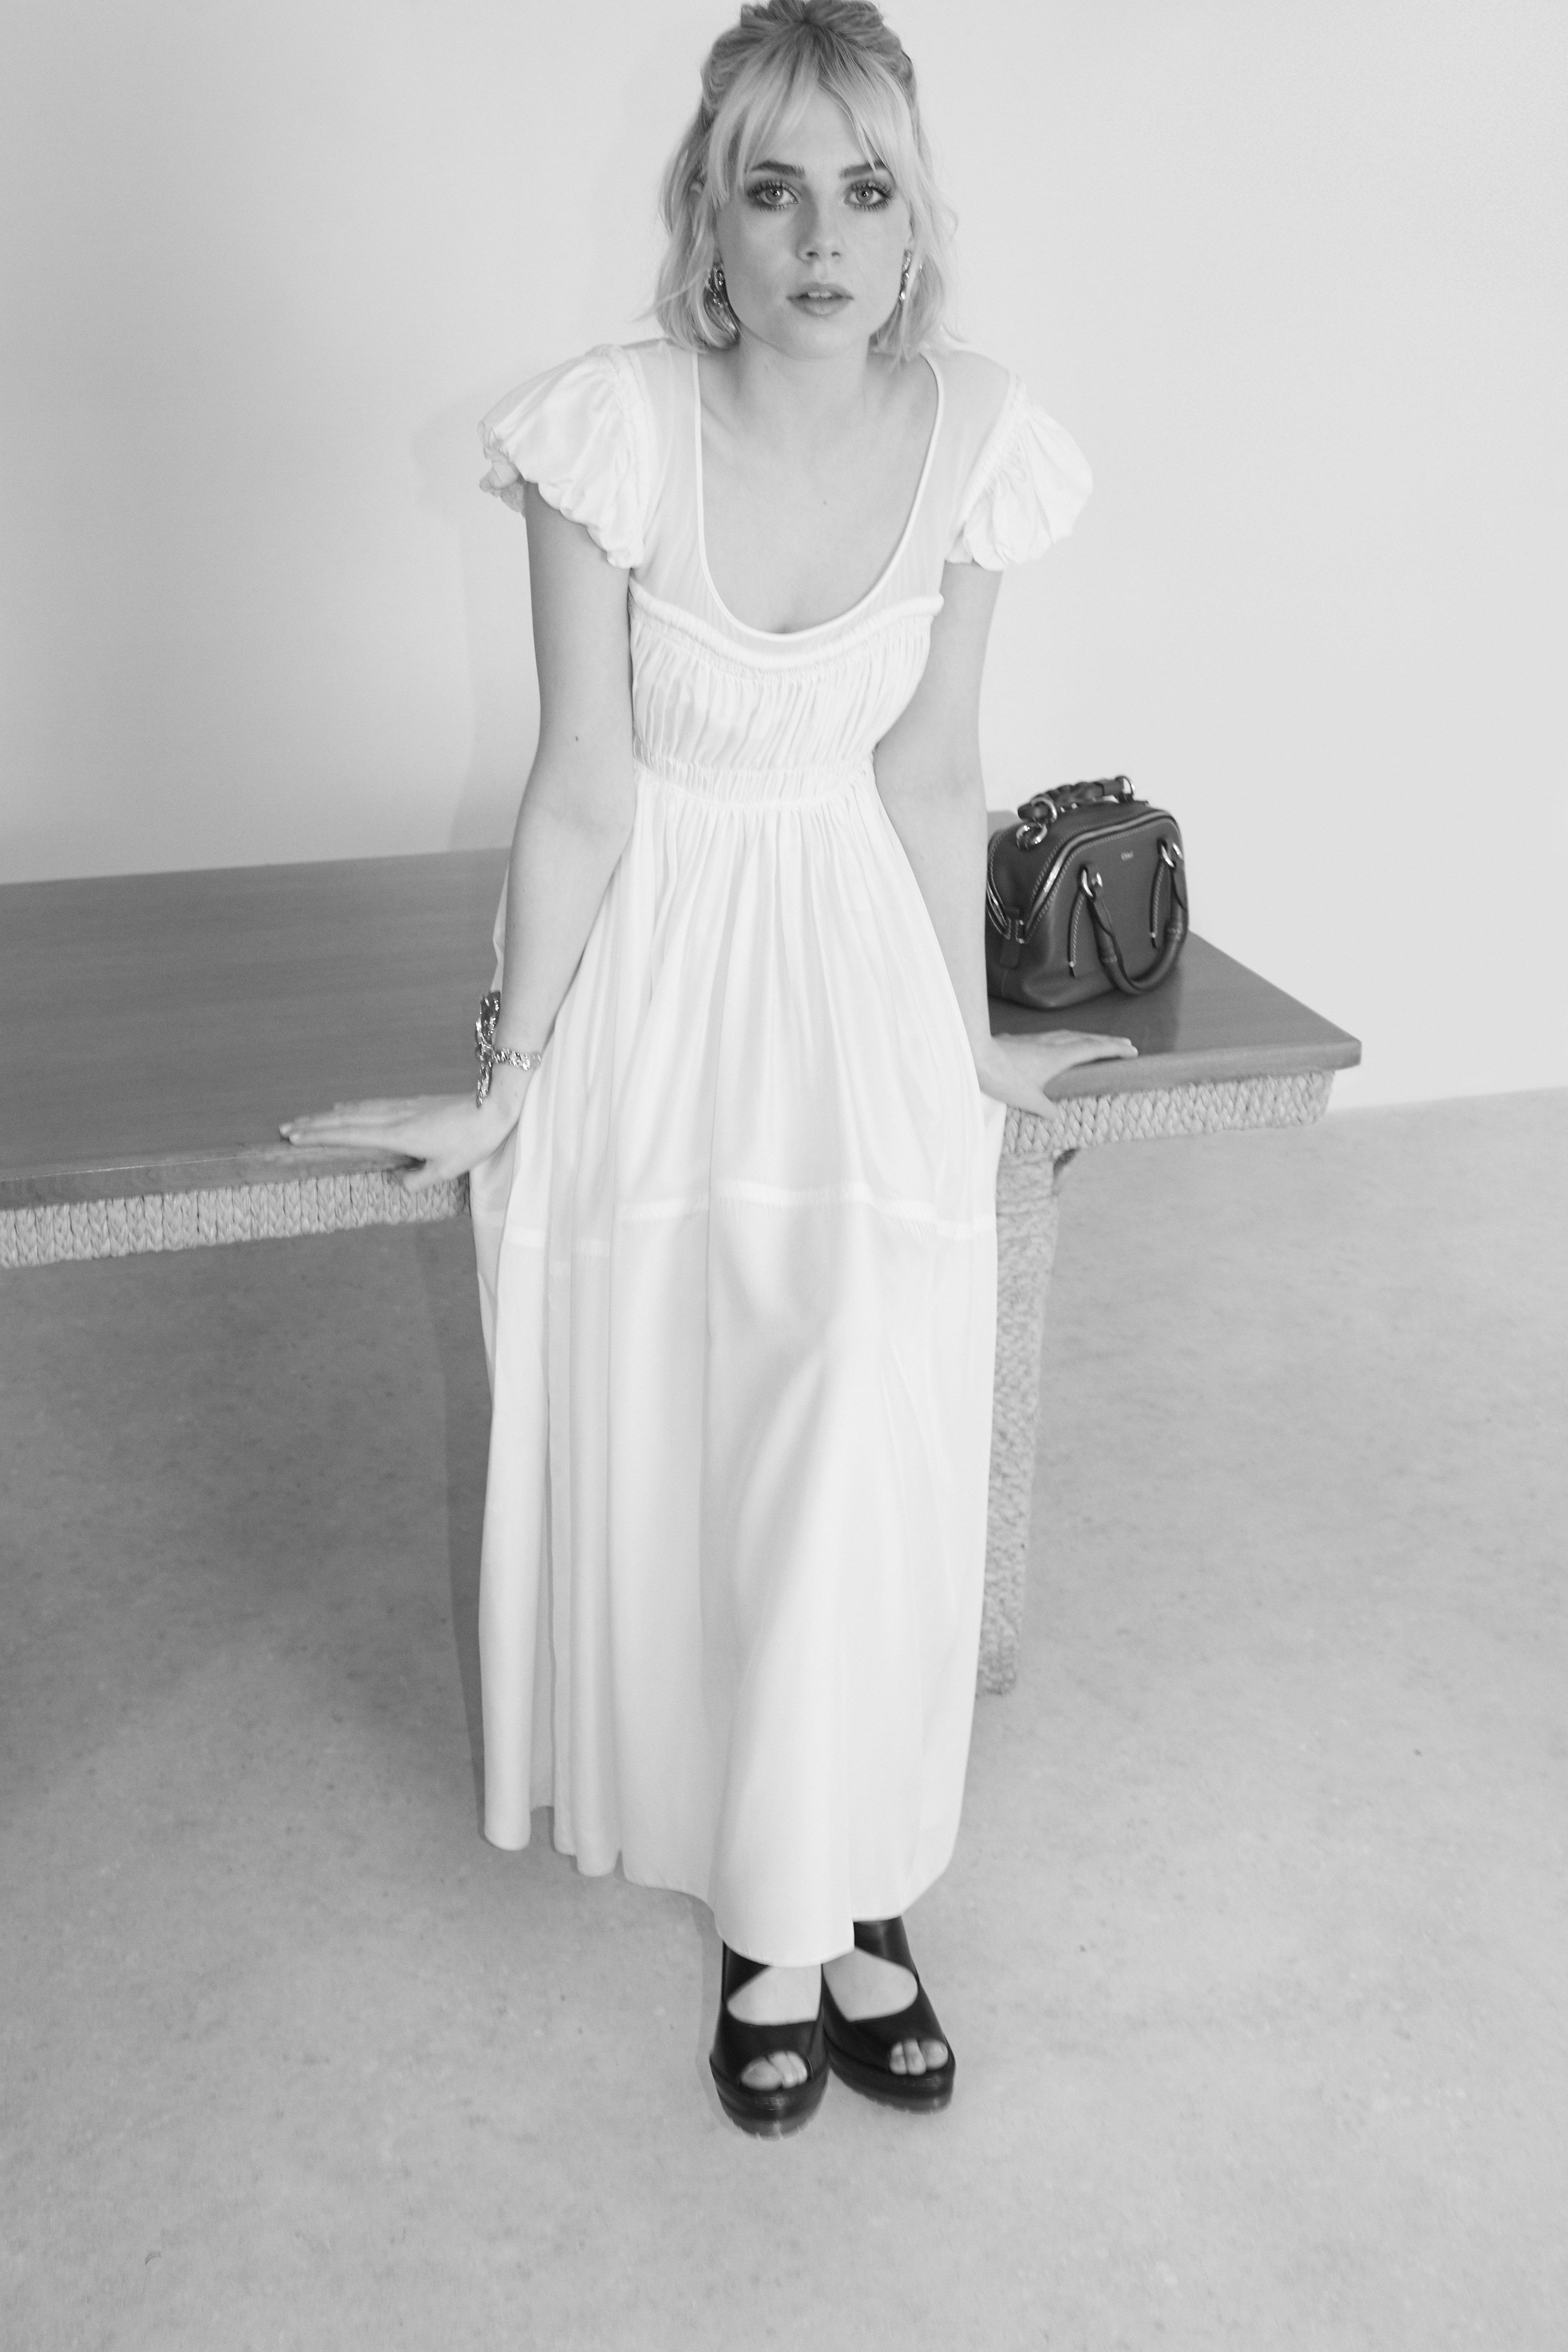 Ο οίκος Chloé βγάζει νέο άρωμα με πρωταγωνίστρια την Lucy Boynton!